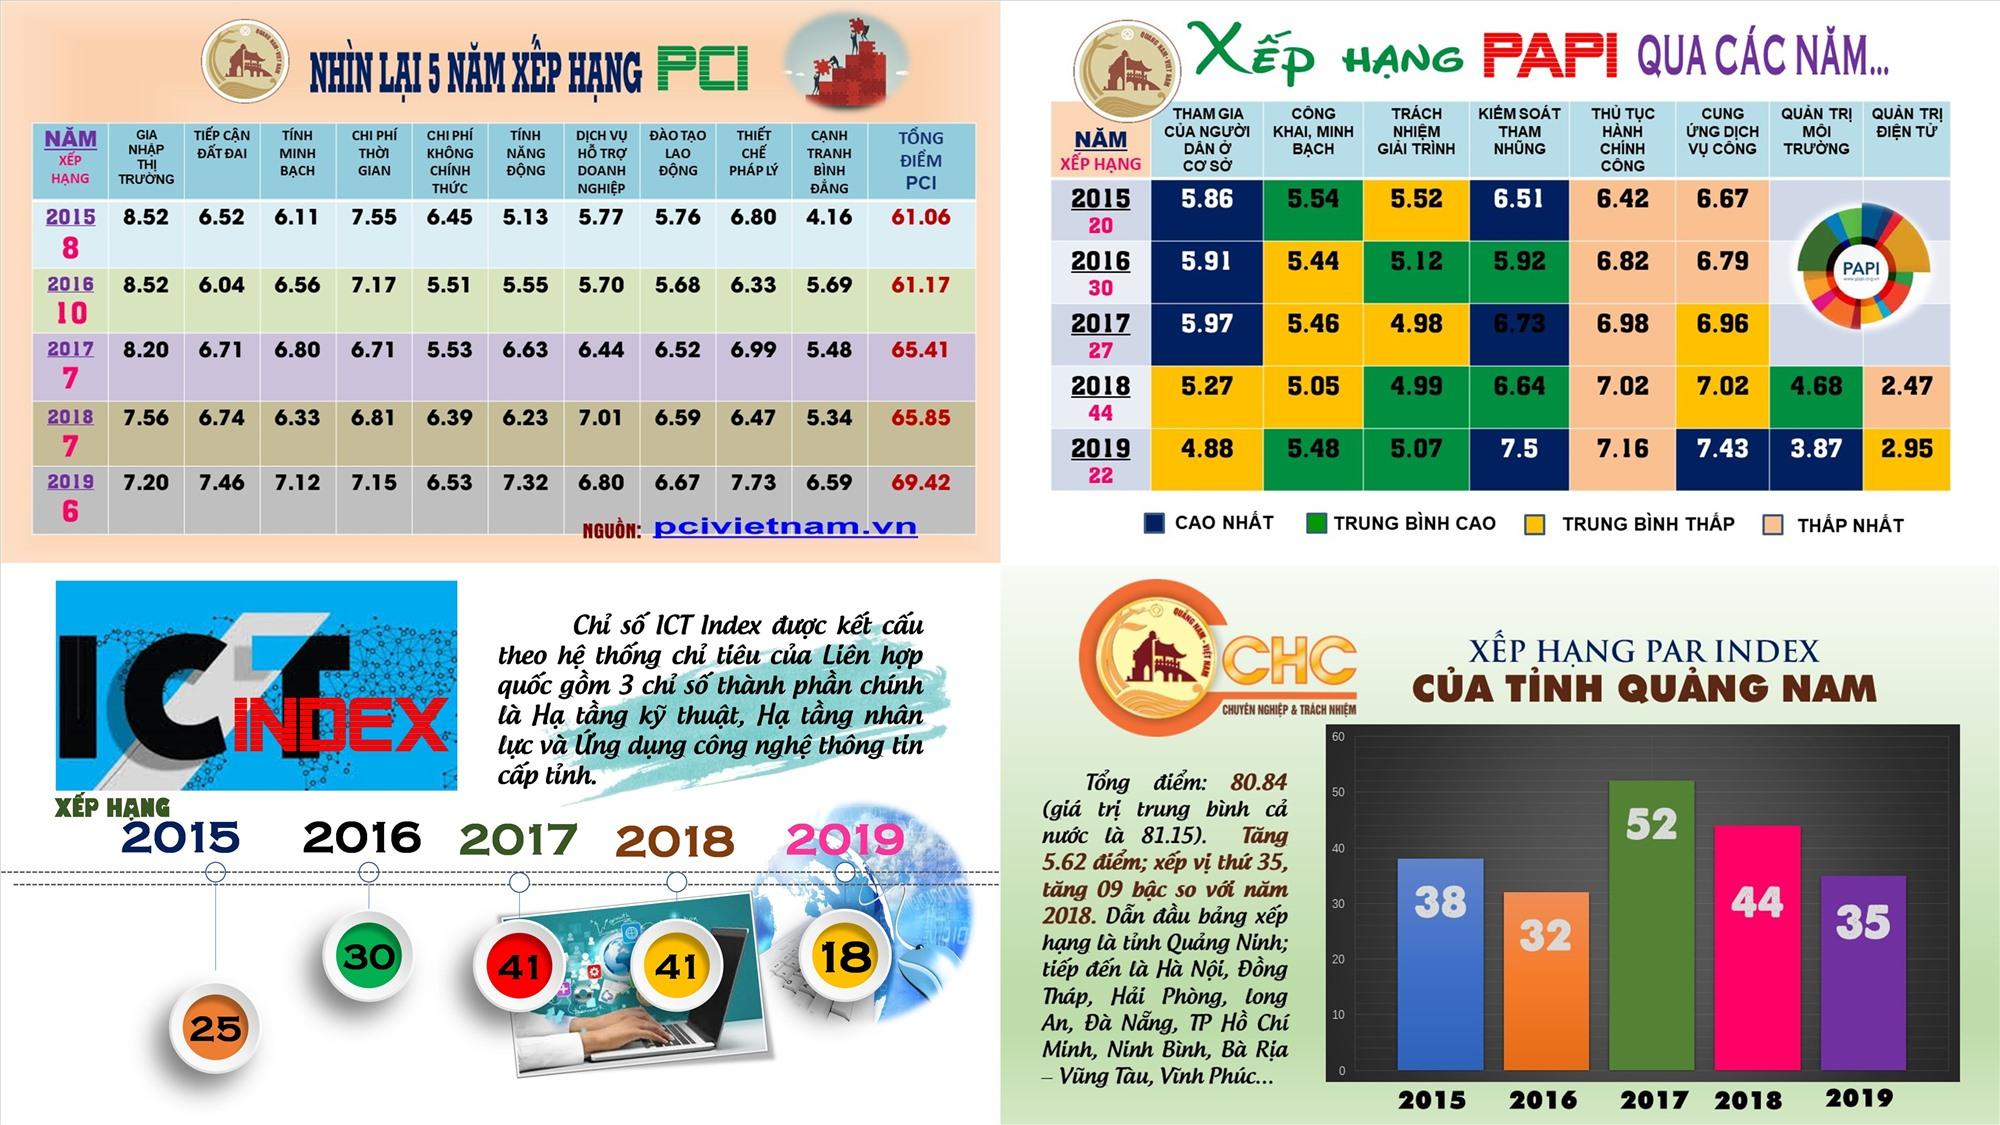 Bảng so sánh xếp hạng các chỉ số PCI, PAPI, ICT INDEX và PAR INDEX của Quảng Nam trong 5 năm qua. Đồ họa: NGUYỄN HỮU SÁNG